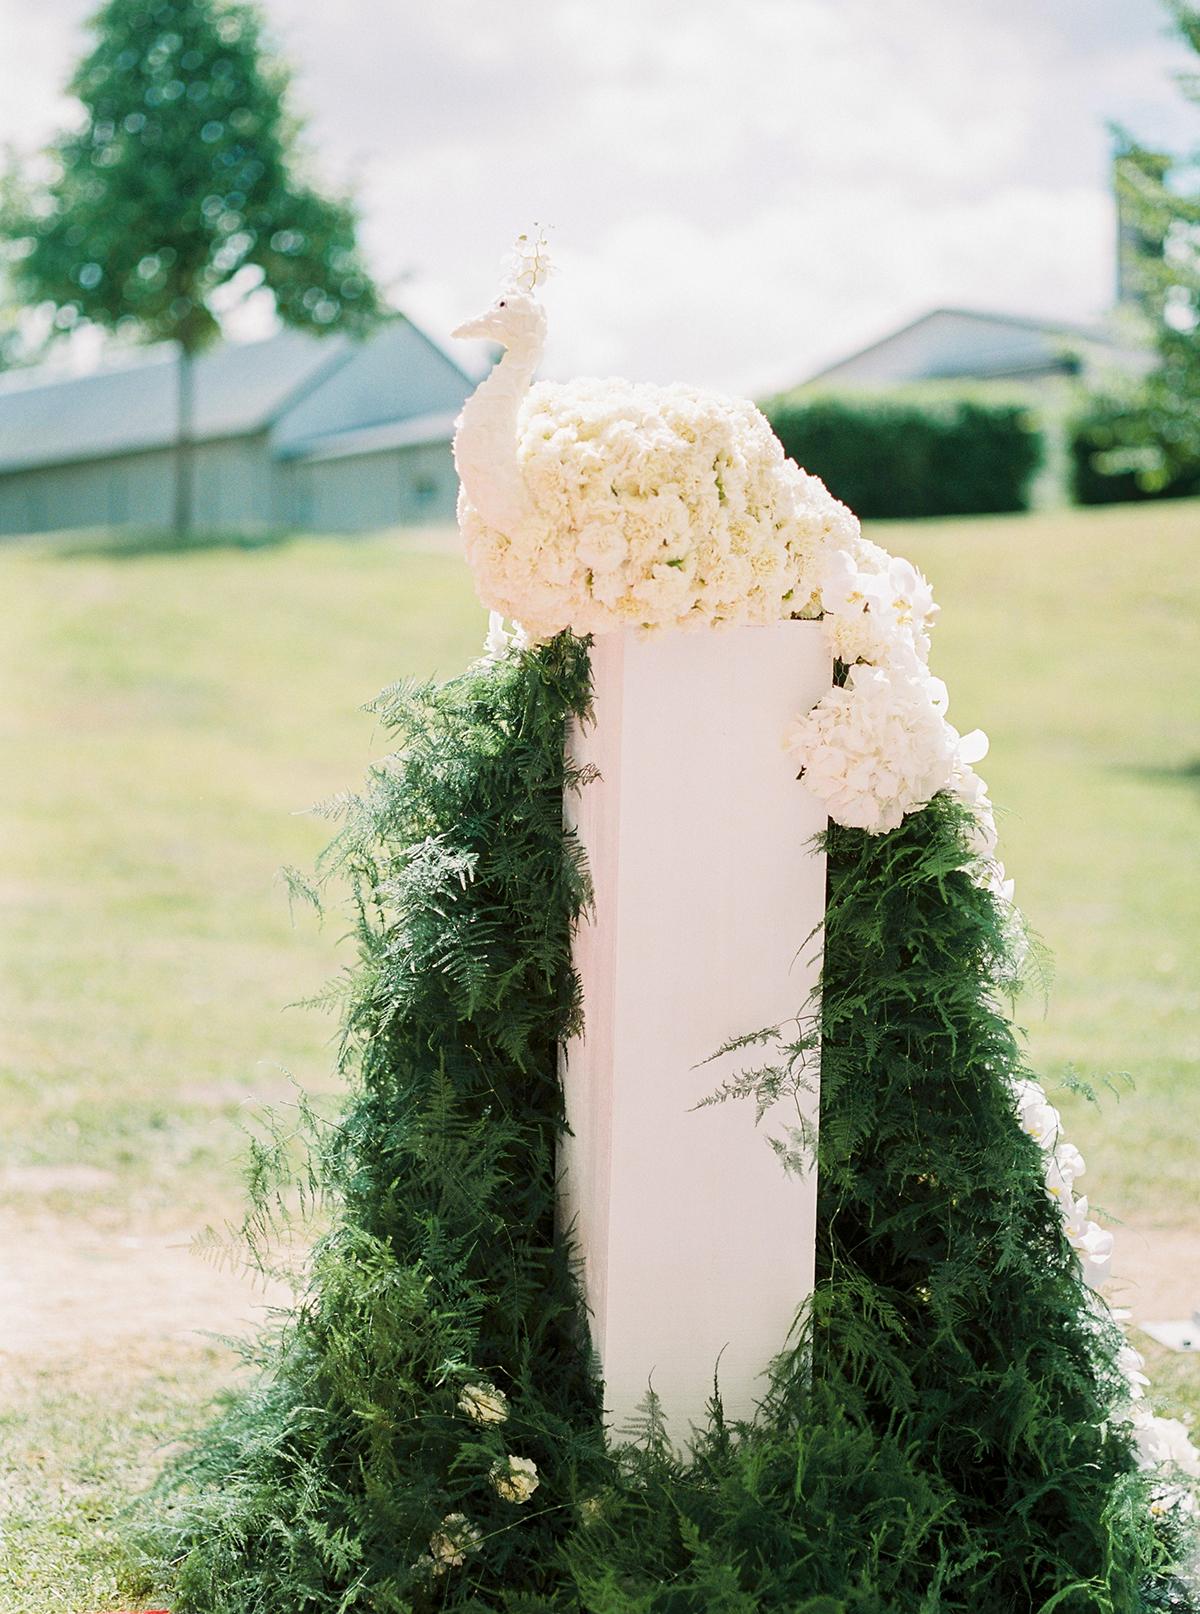 Landgut Stober Hochzeit | Fine Art Film Wedding Photography by Ashley Ludaescher (15)